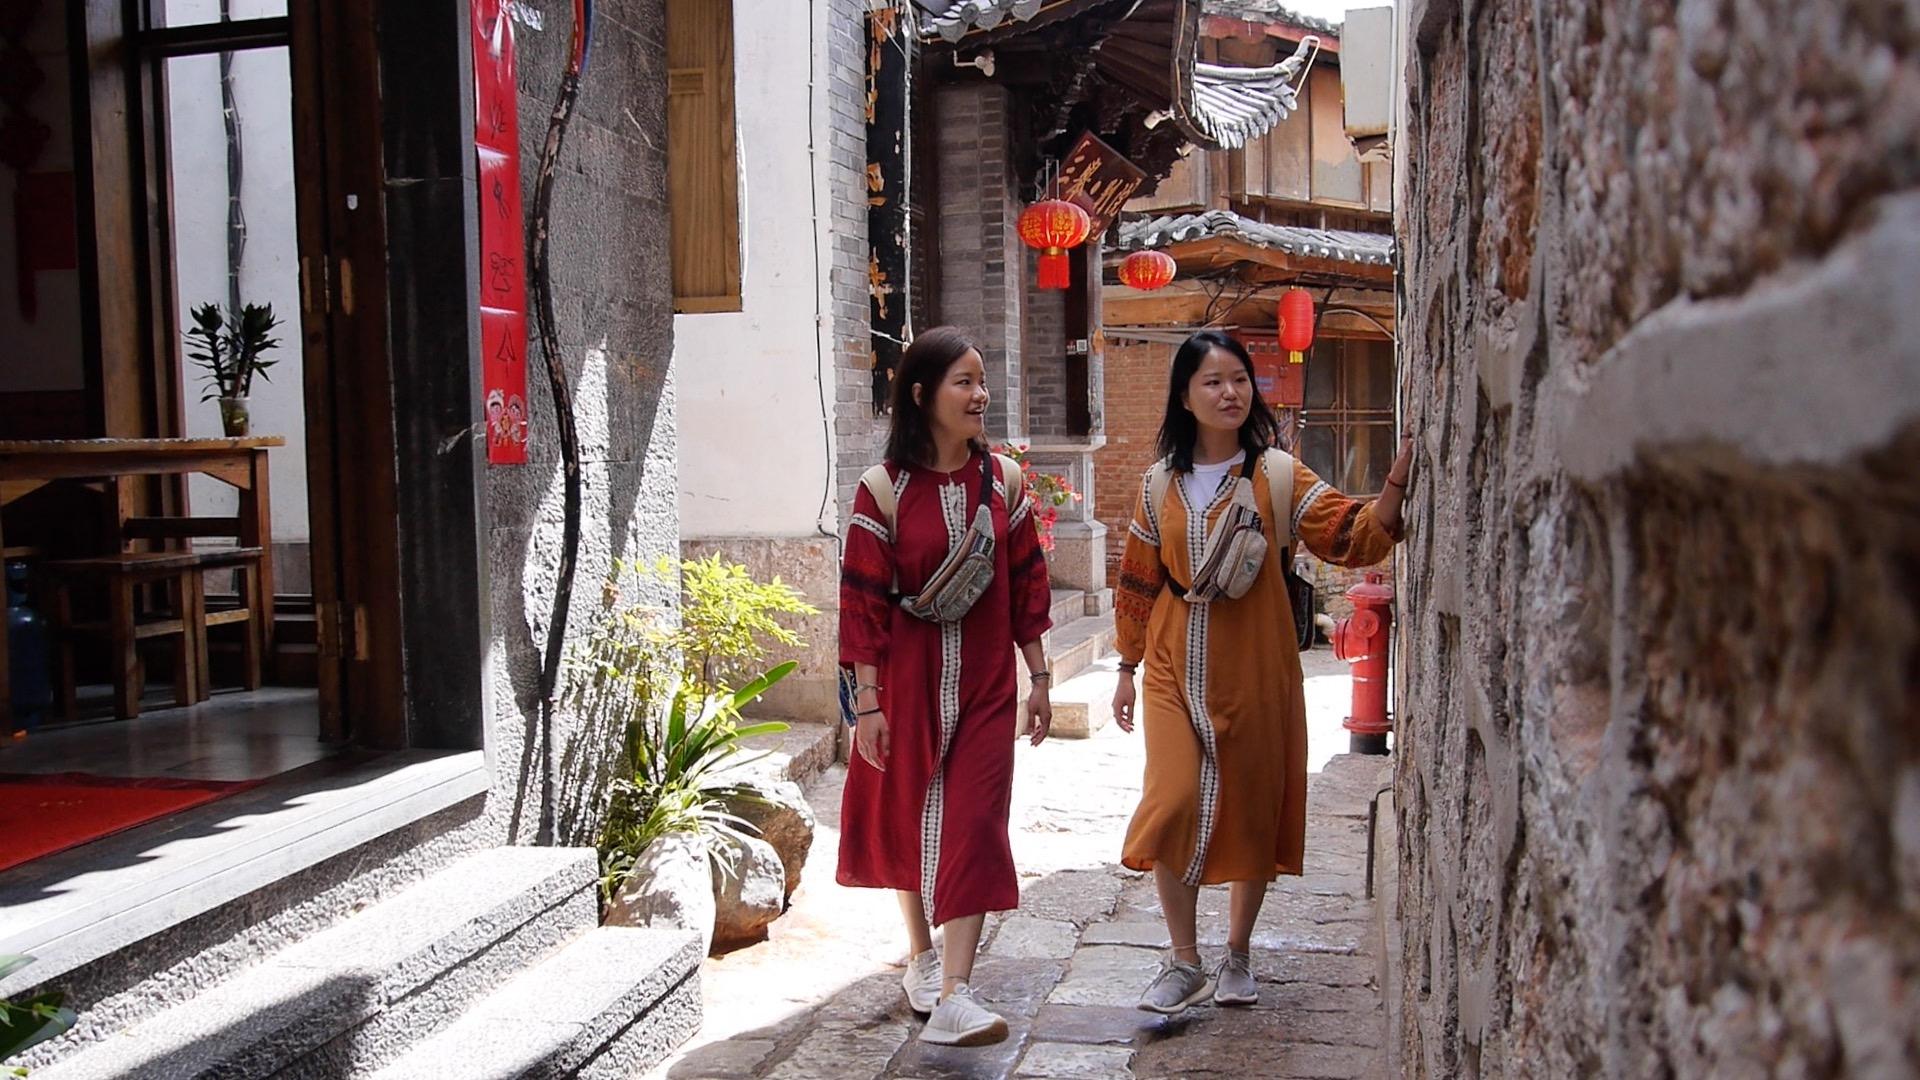 세계테마기행 - <창사특집> 시청자와 함께하는 1부 둘이라서 좋은 중국 윈난성